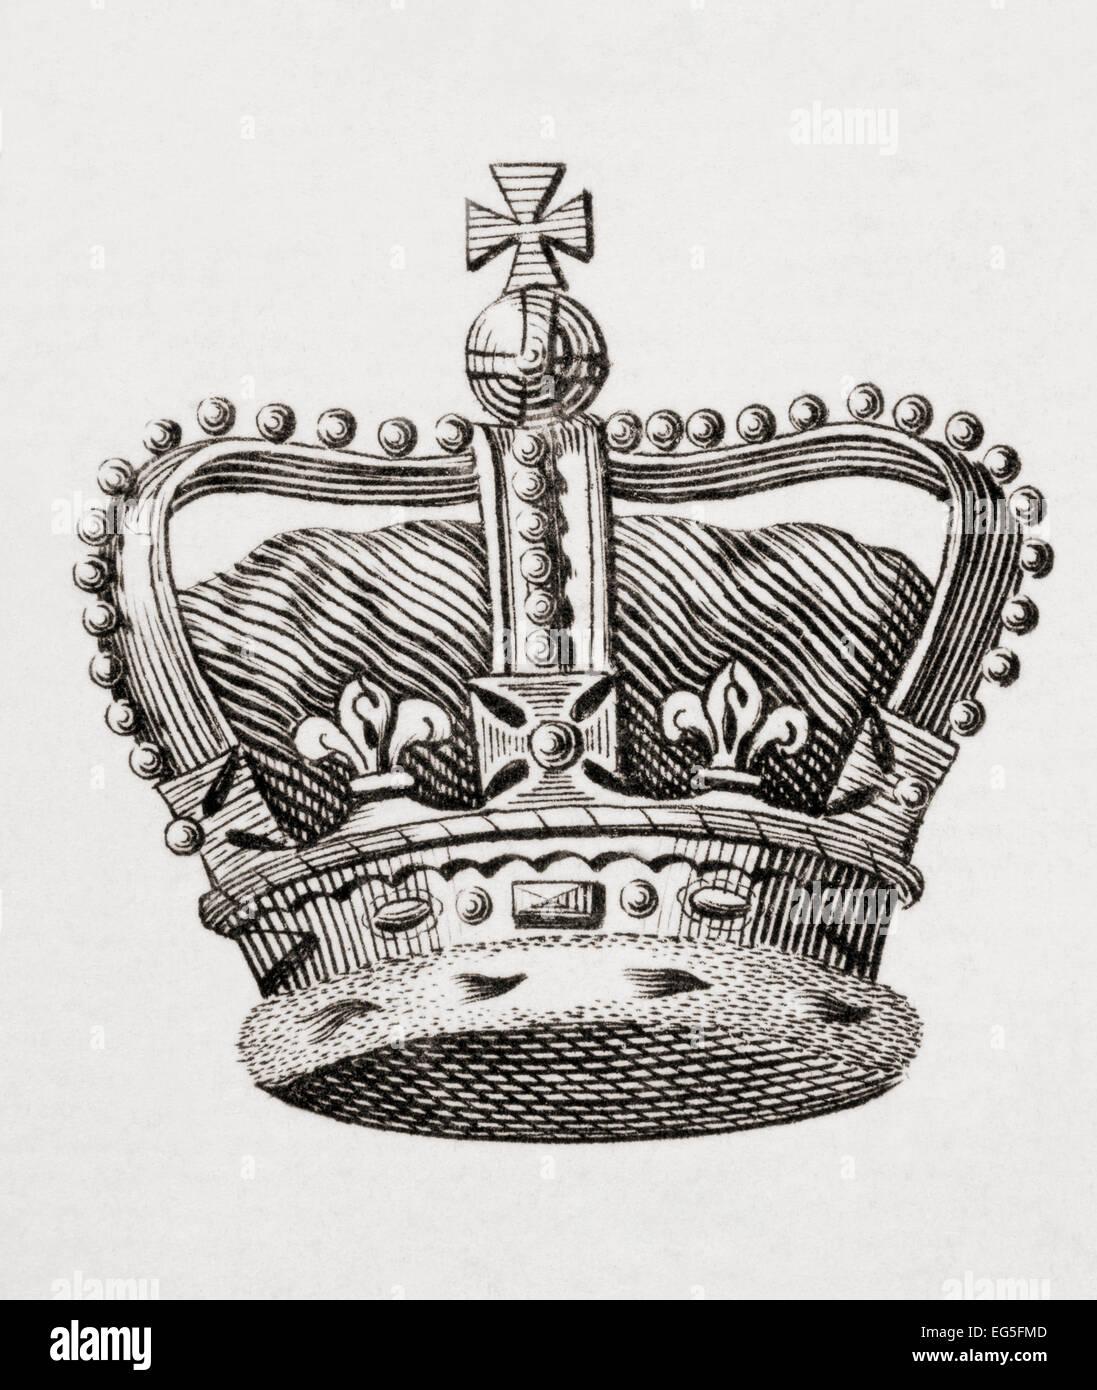 Englische krone drucken sie aus dem 18 jahrhundert for Englisch krone